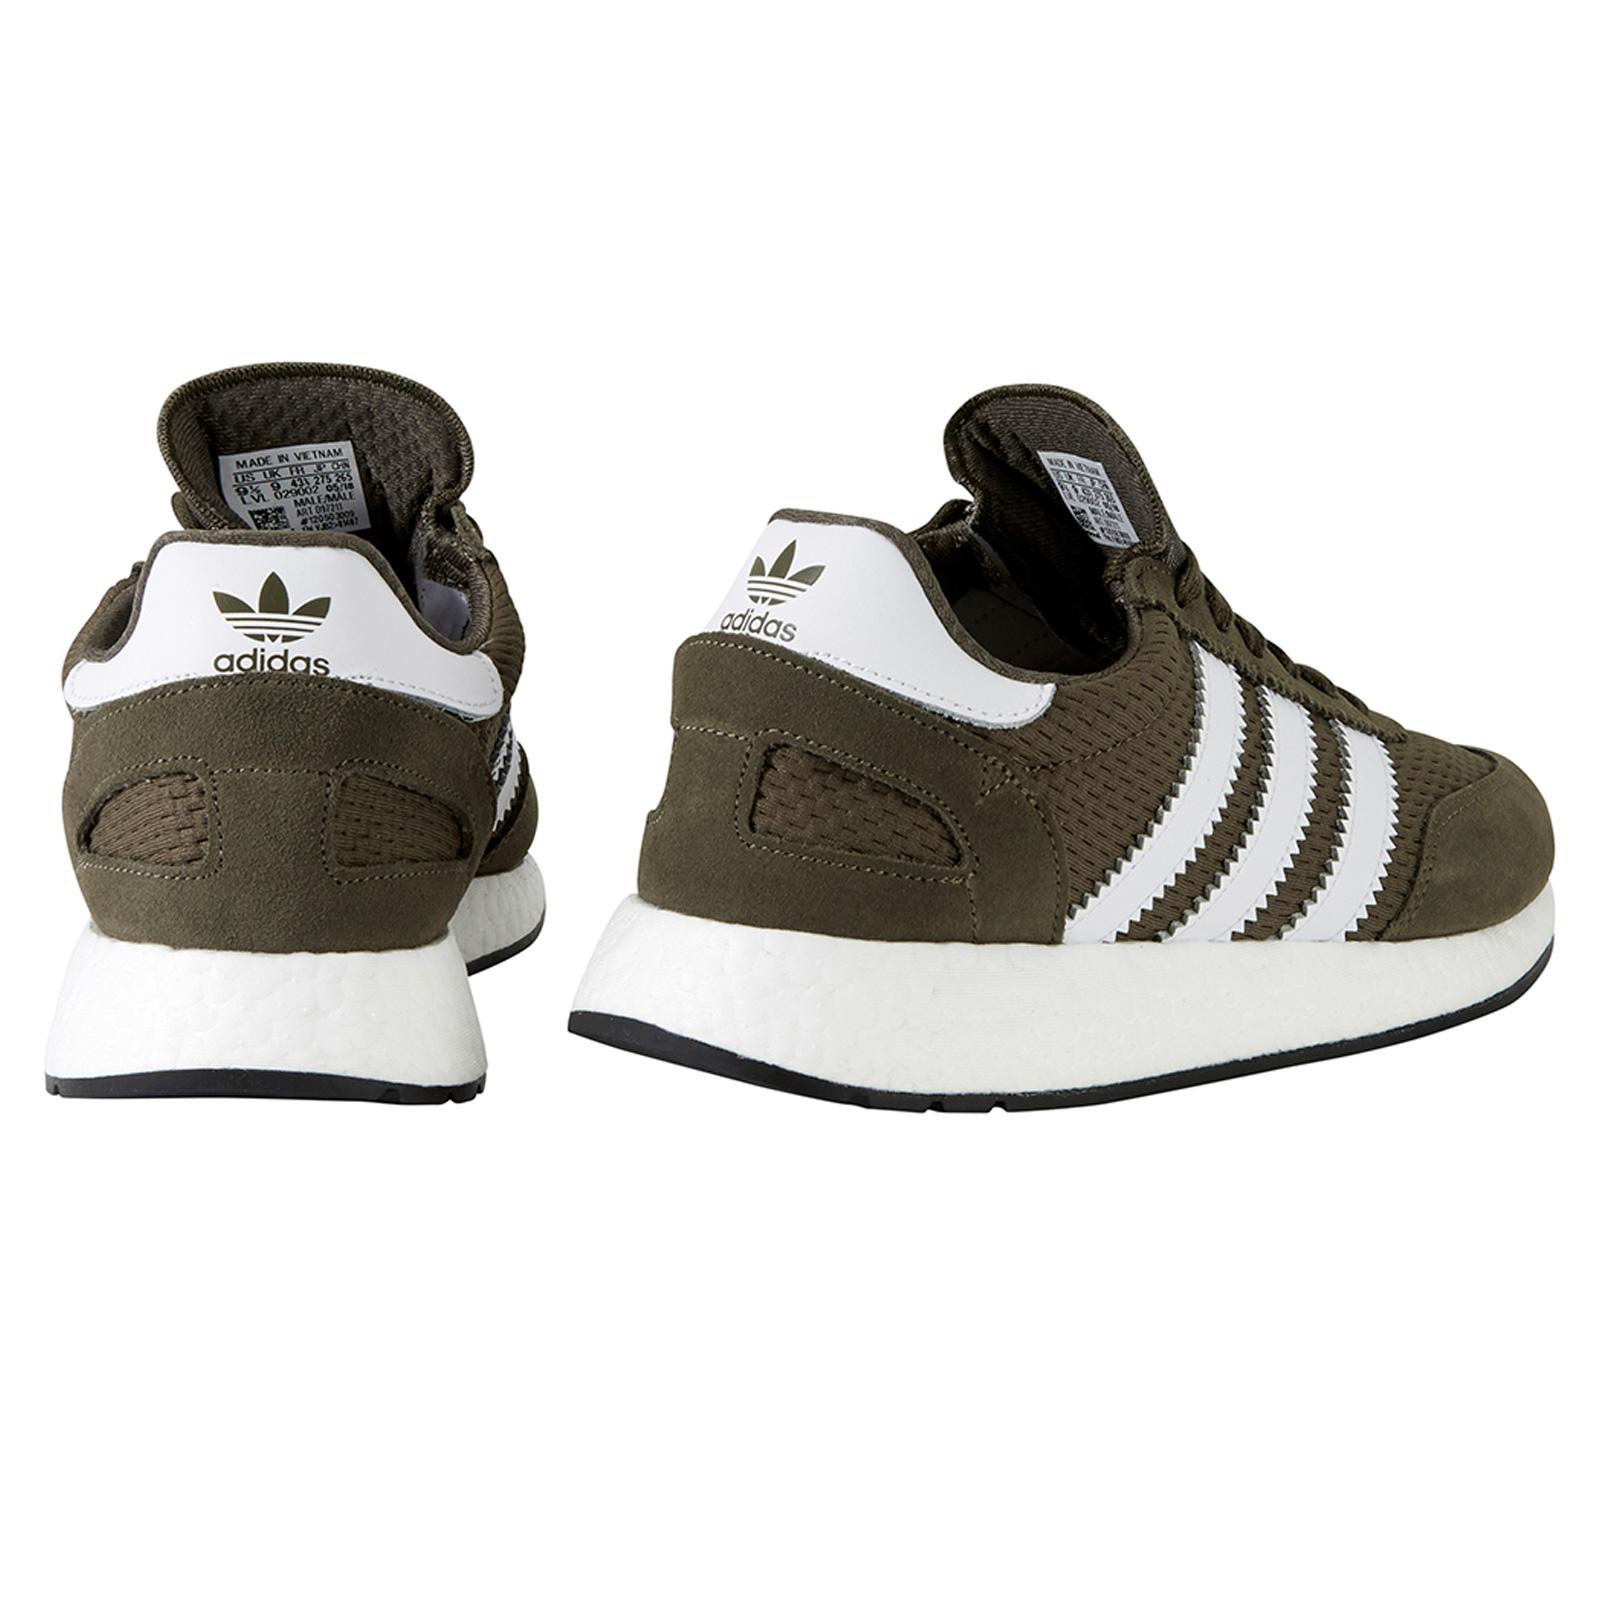 Détails sur Adidas Iniki Coureur I 5923 Homme Boost Baskets Chaussures de Sport Braun D97211